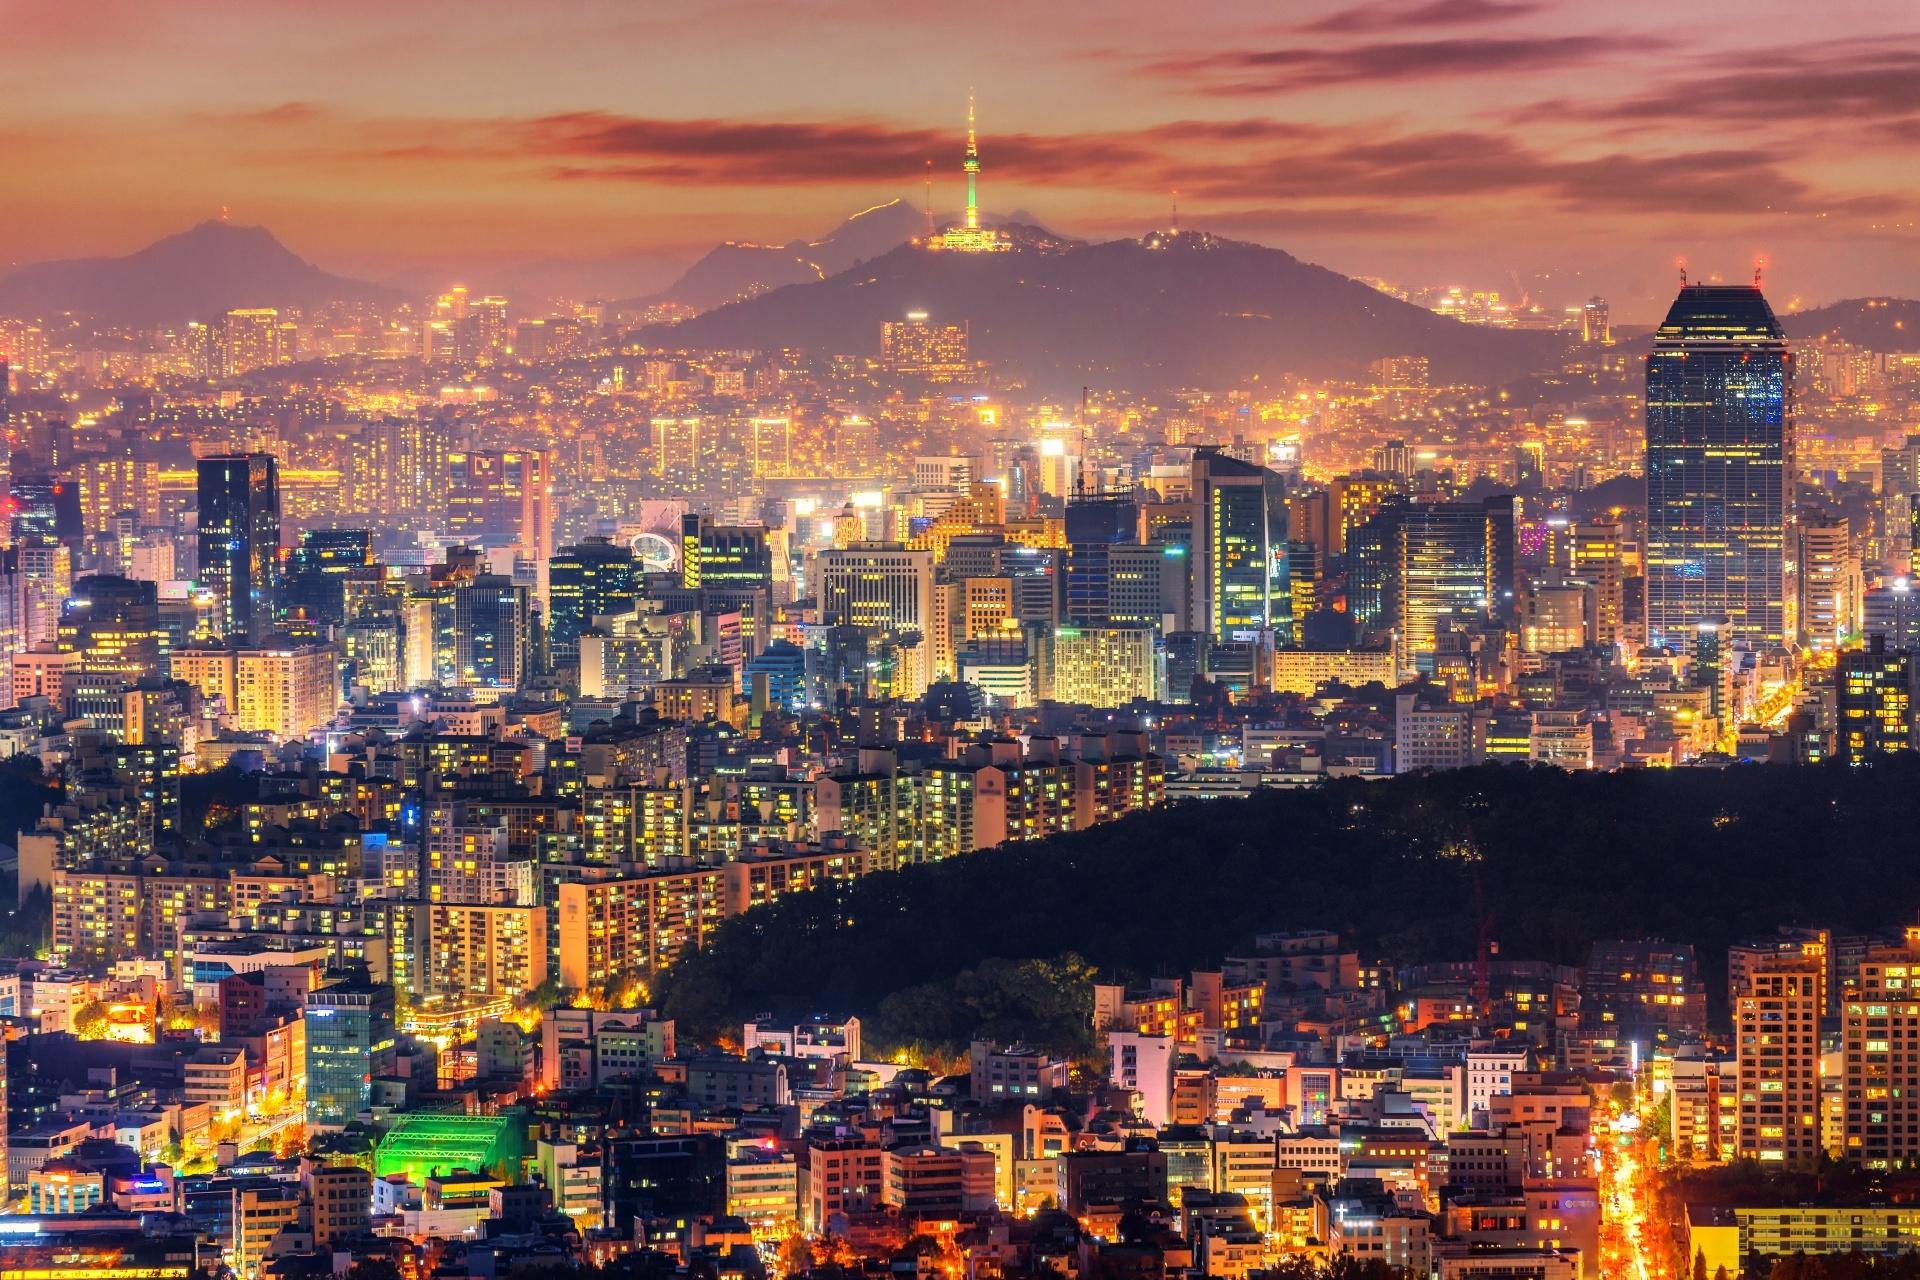 ソウルタワーと夕暮れのソウルの街並み 韓国の風景